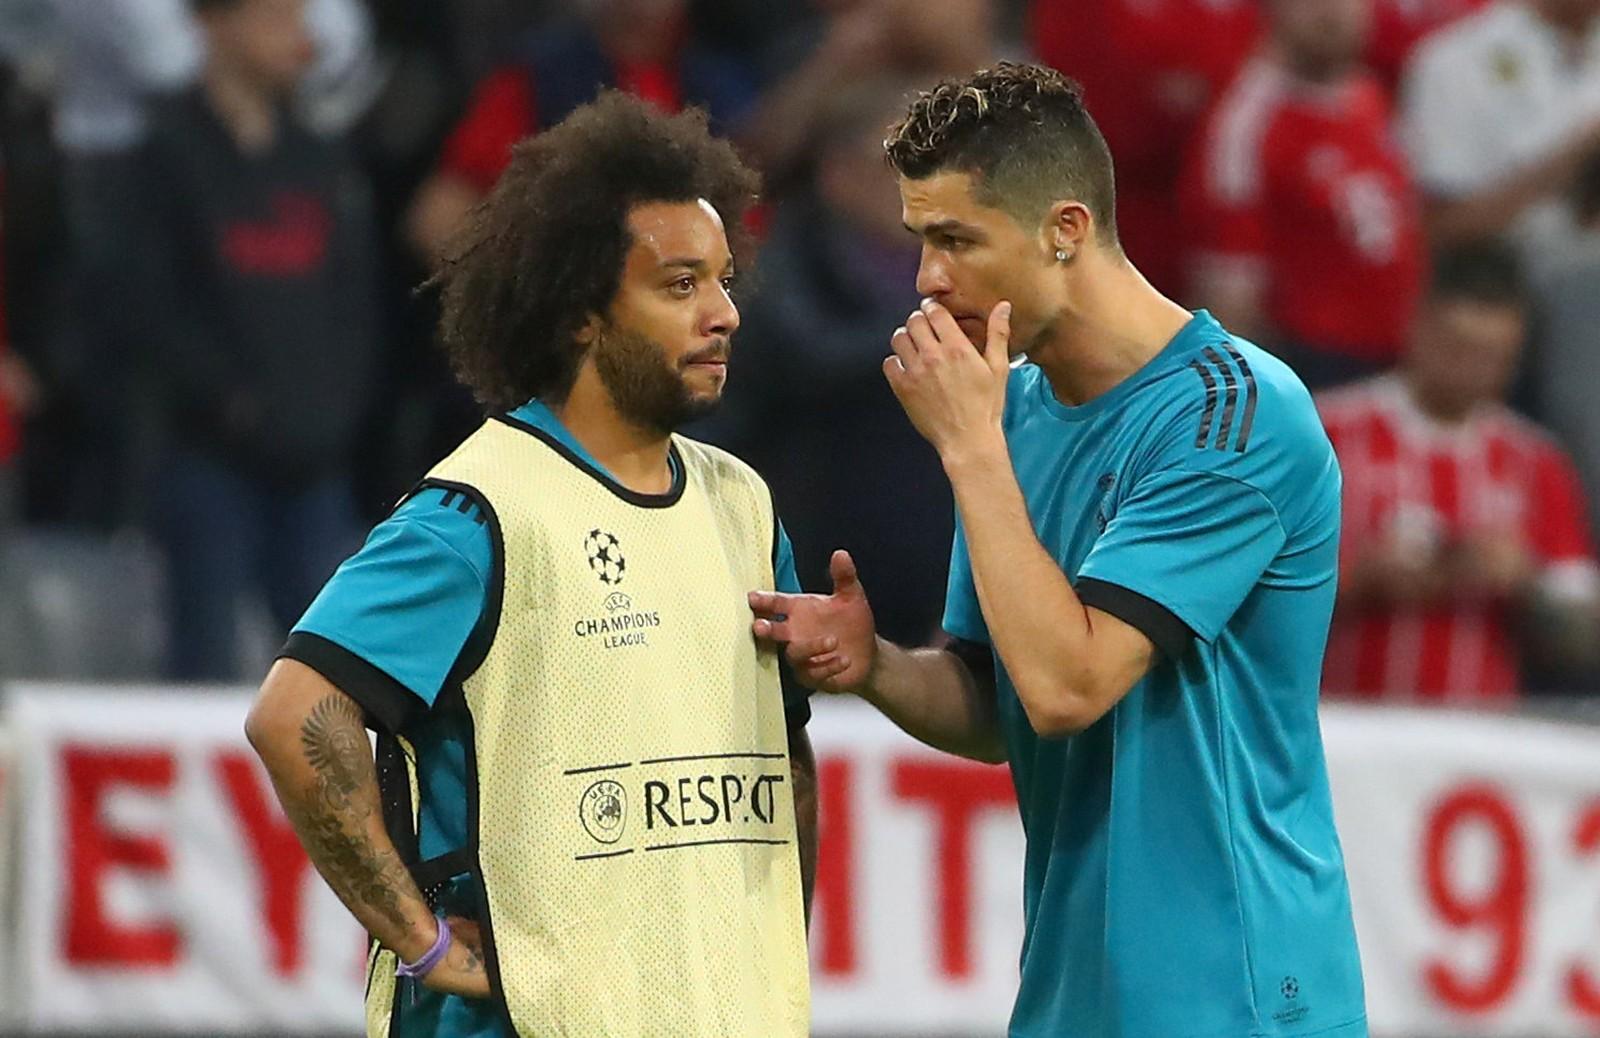 Cristiano Ronaldo está empenhado em levar Marcelo para a Juventus, diz jornal